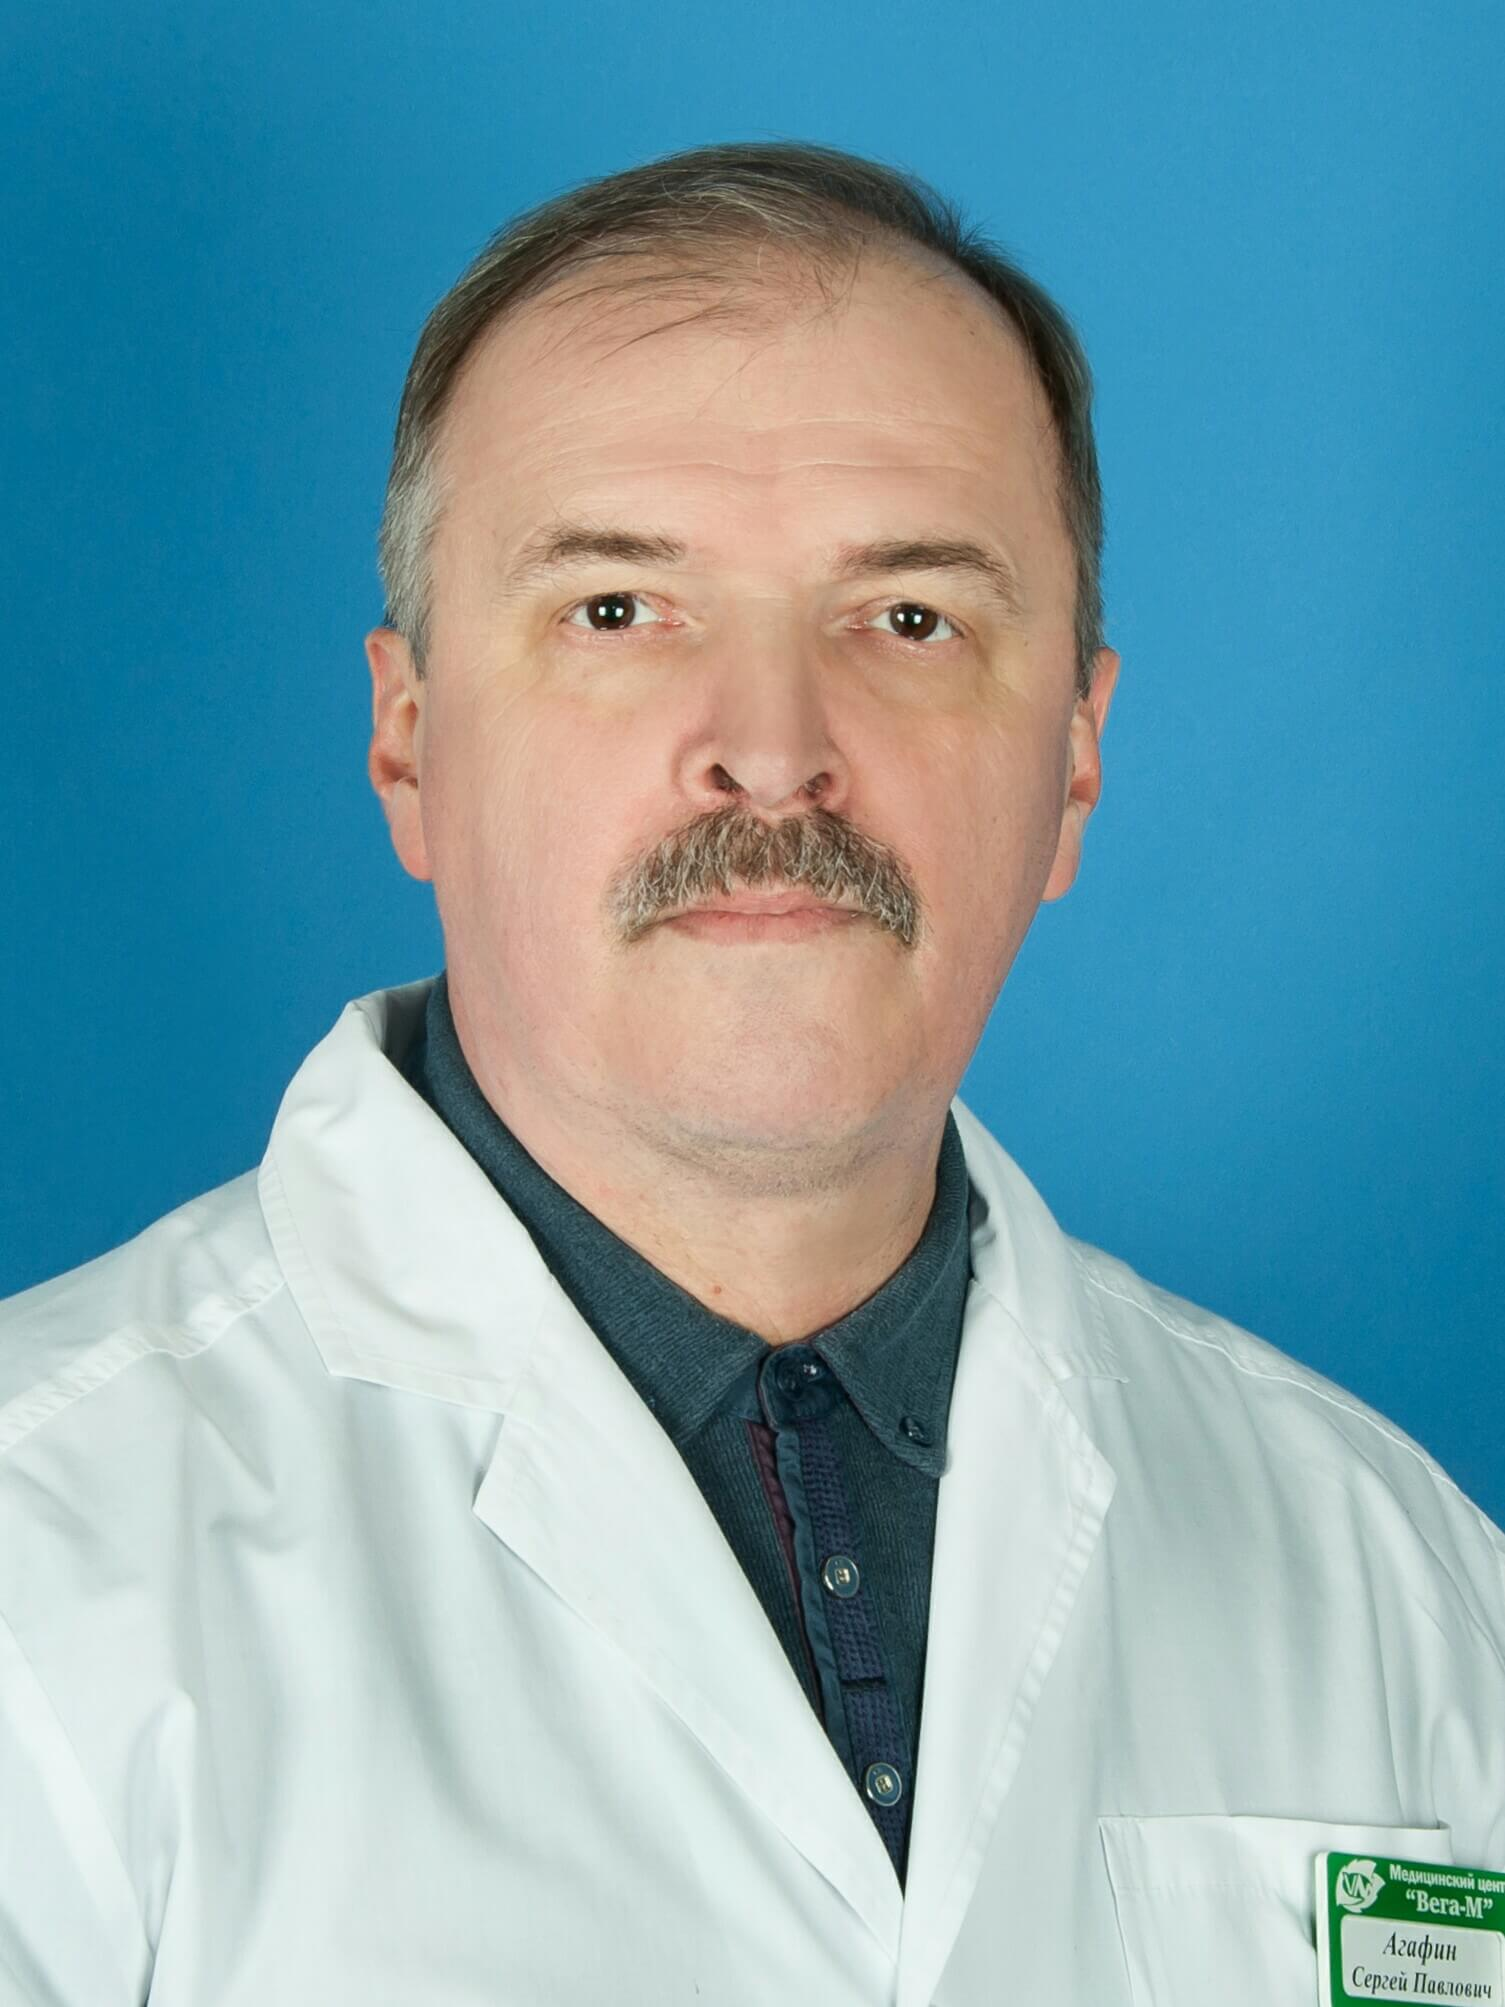 Врач онколог Агафин С.П.